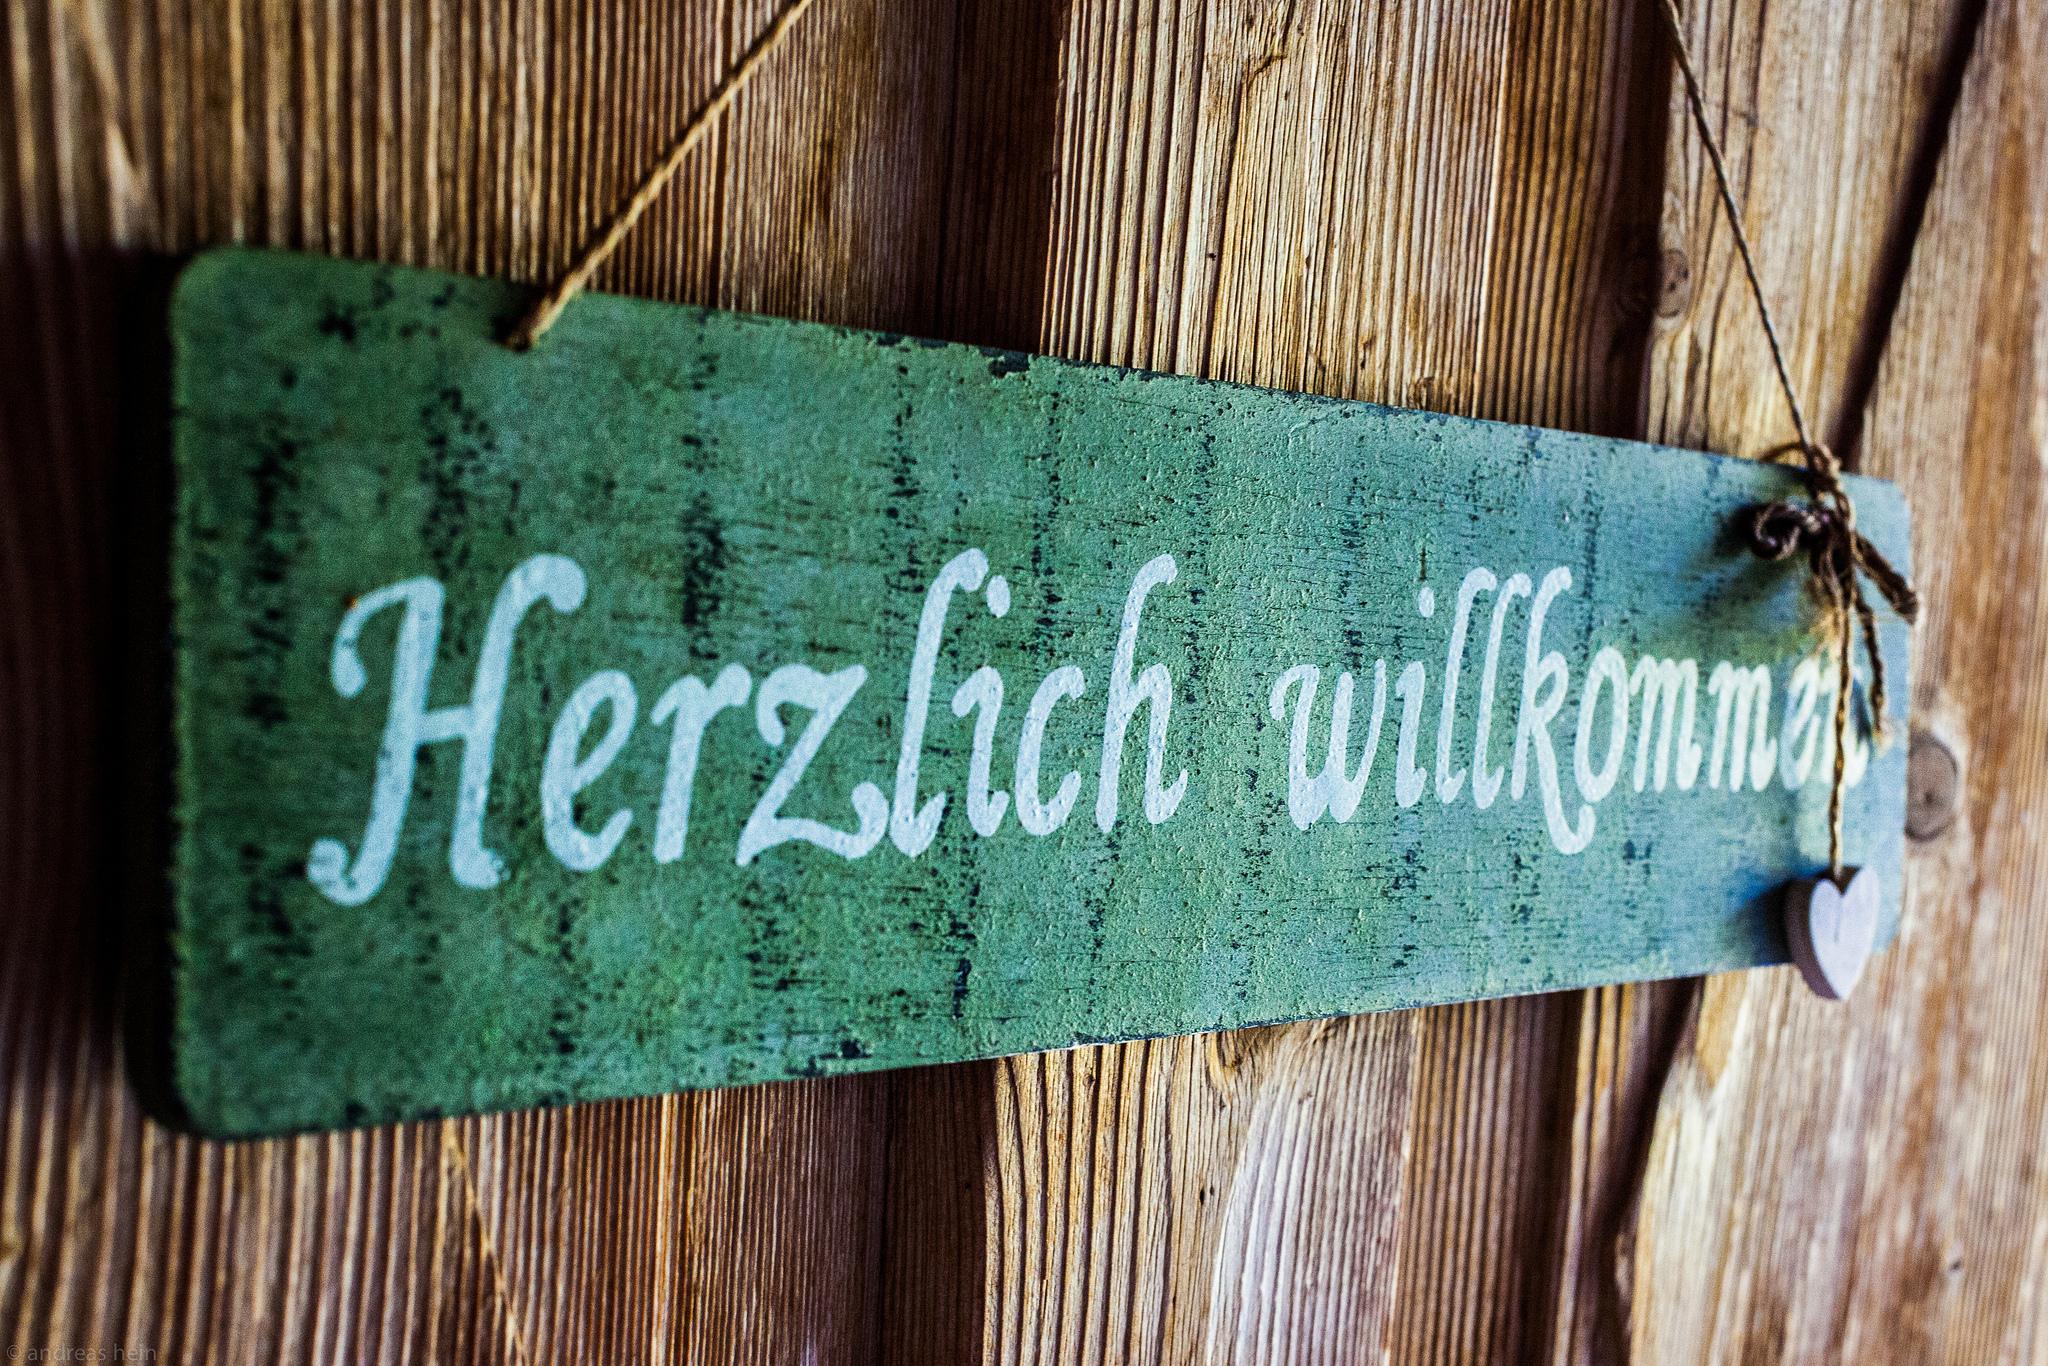 Willkommenszentrum: muovere i primi passi a Berlino e districarsi tra la burocrazia tedesca